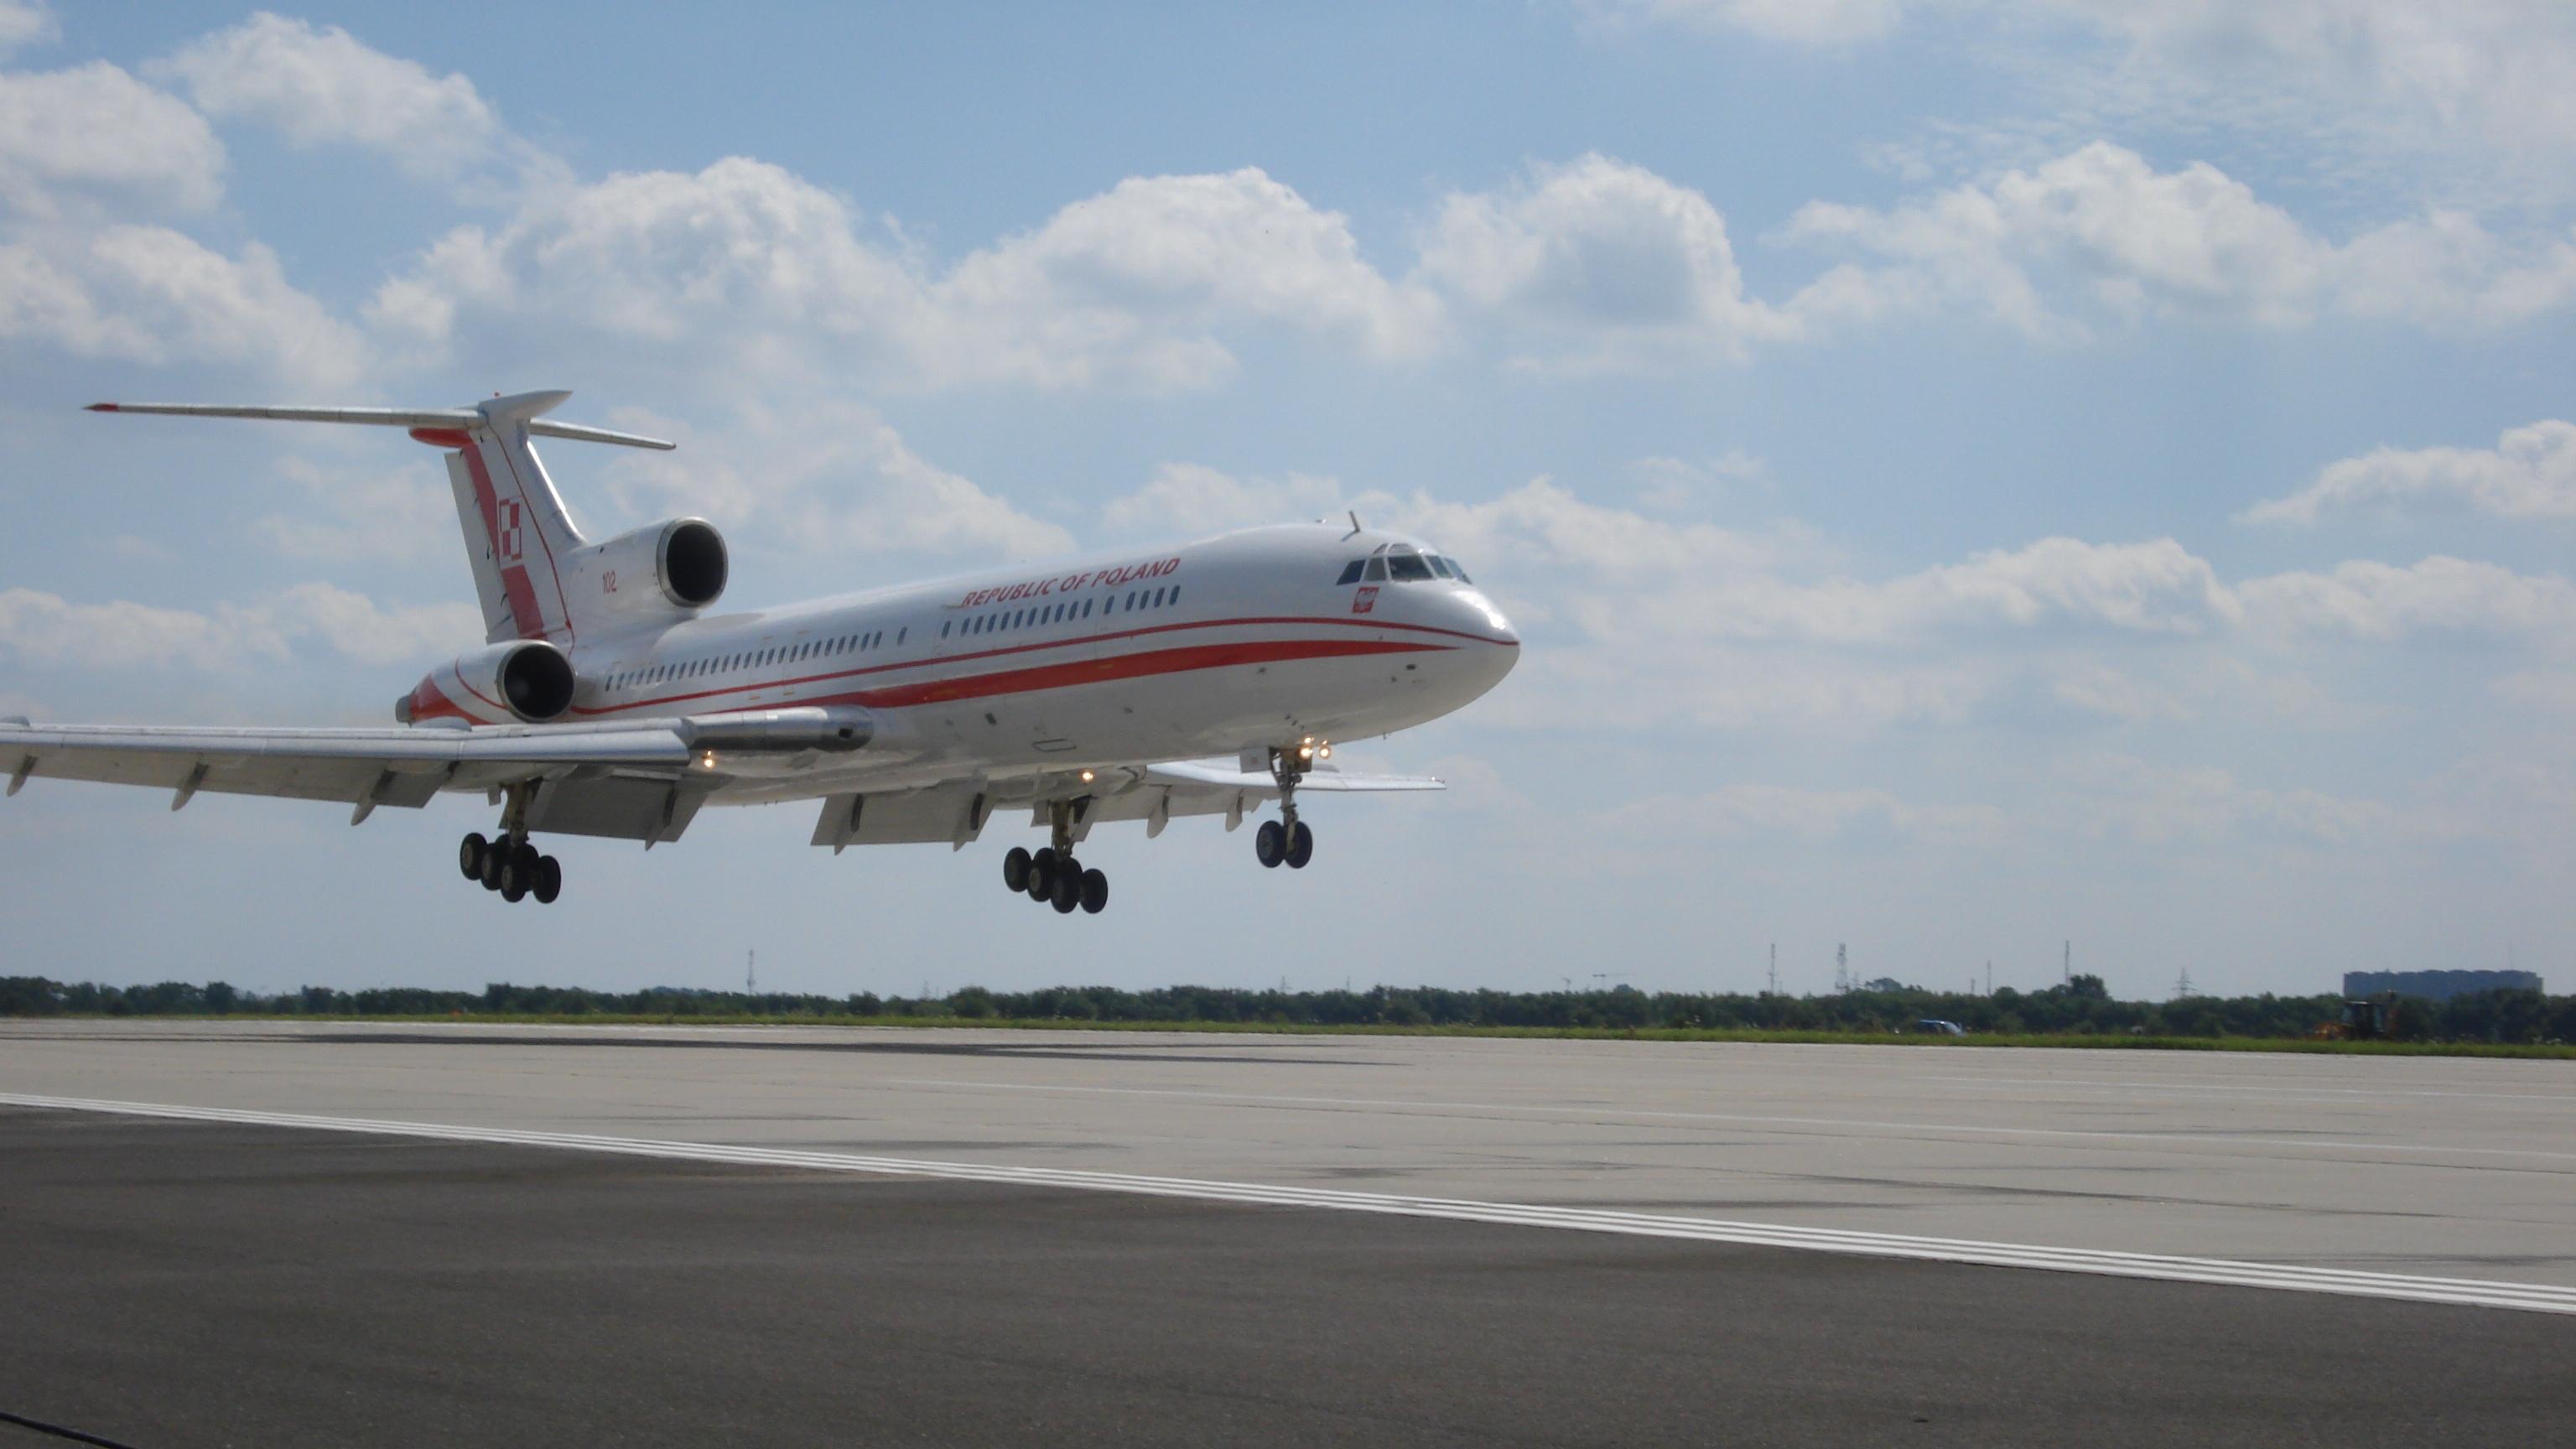 Un avion rusesc a aterizat de urgenţă cu ce i-au cedat motoarele